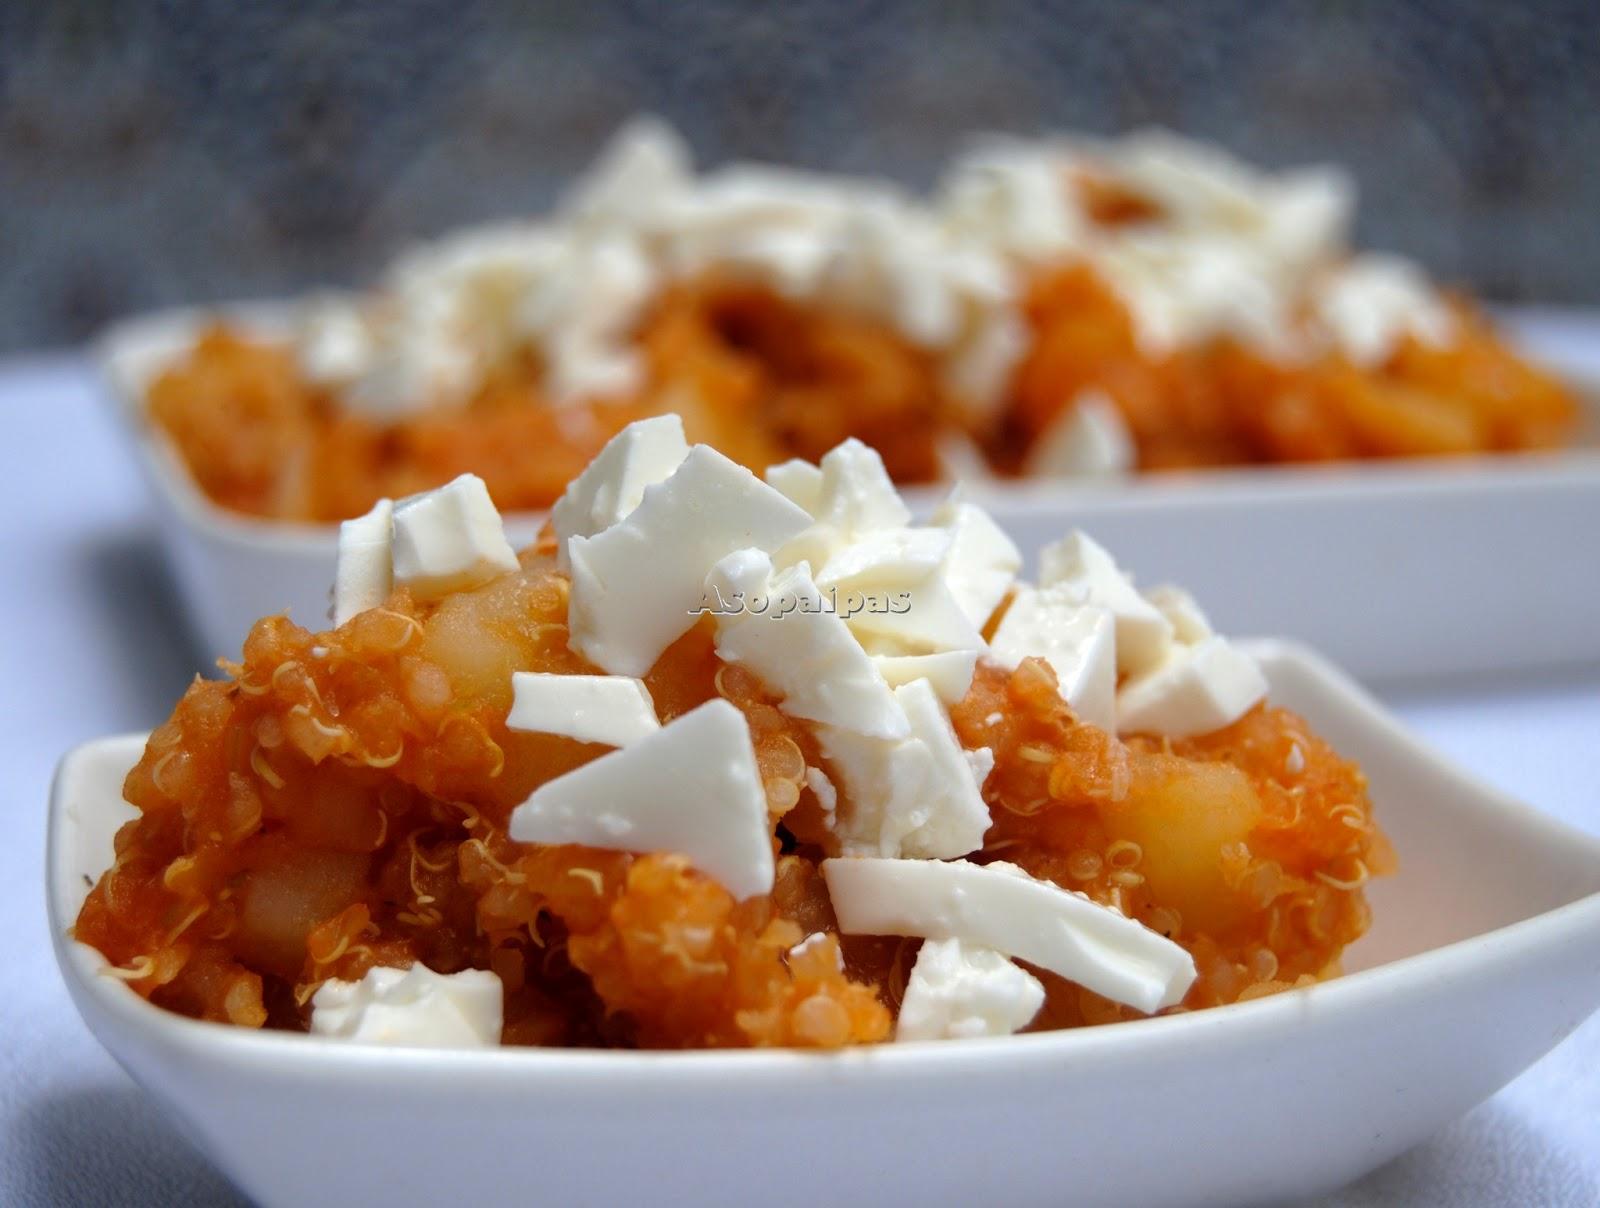 Quinoa Con Queso (Quinoa and Cheese) - Recetas de cocina